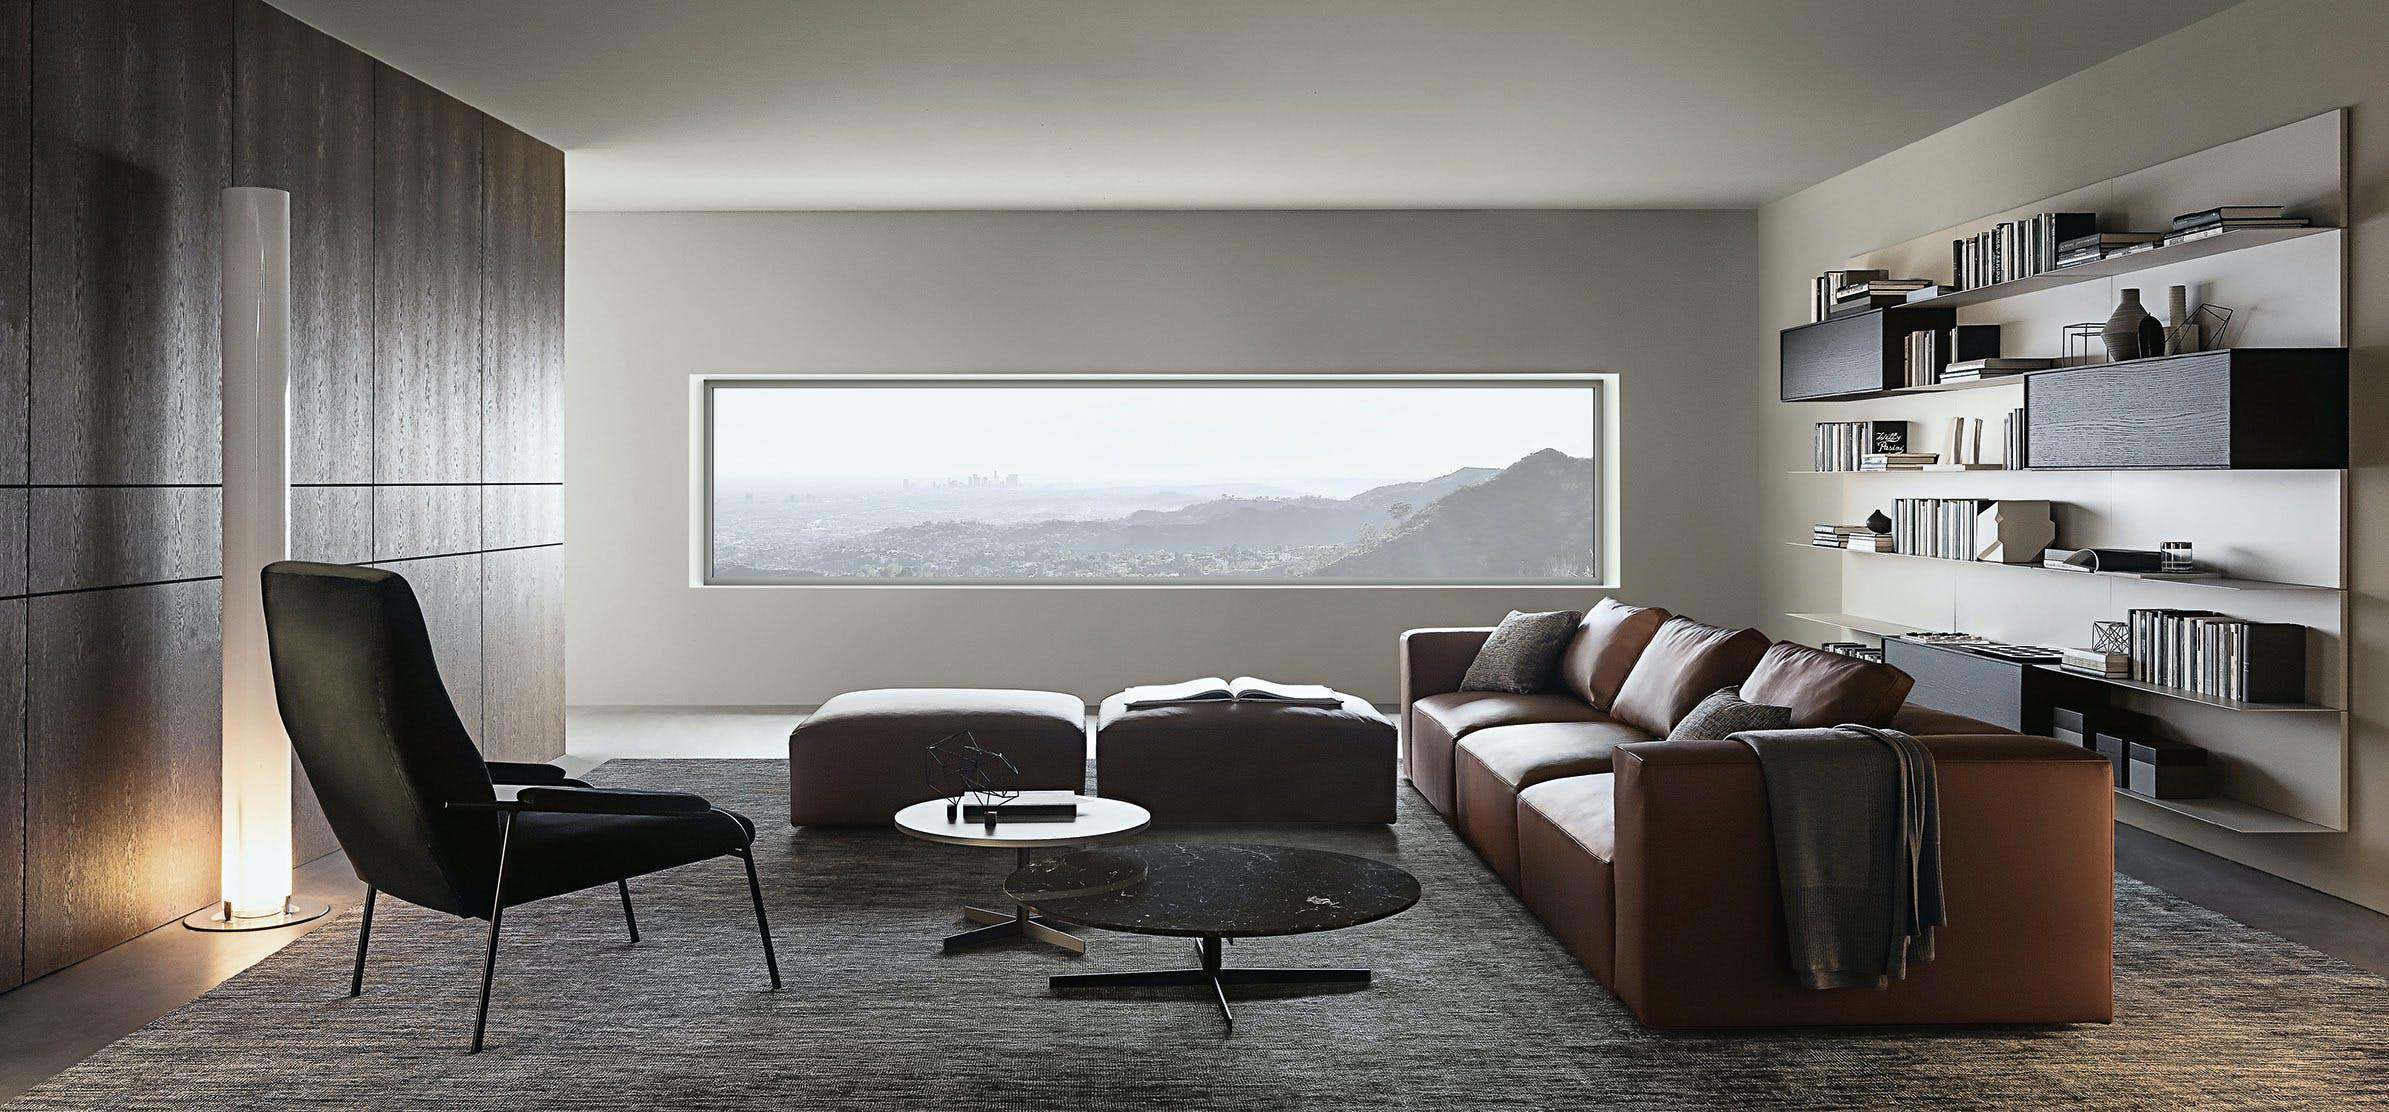 Giellesse Frame System Side Haute Living